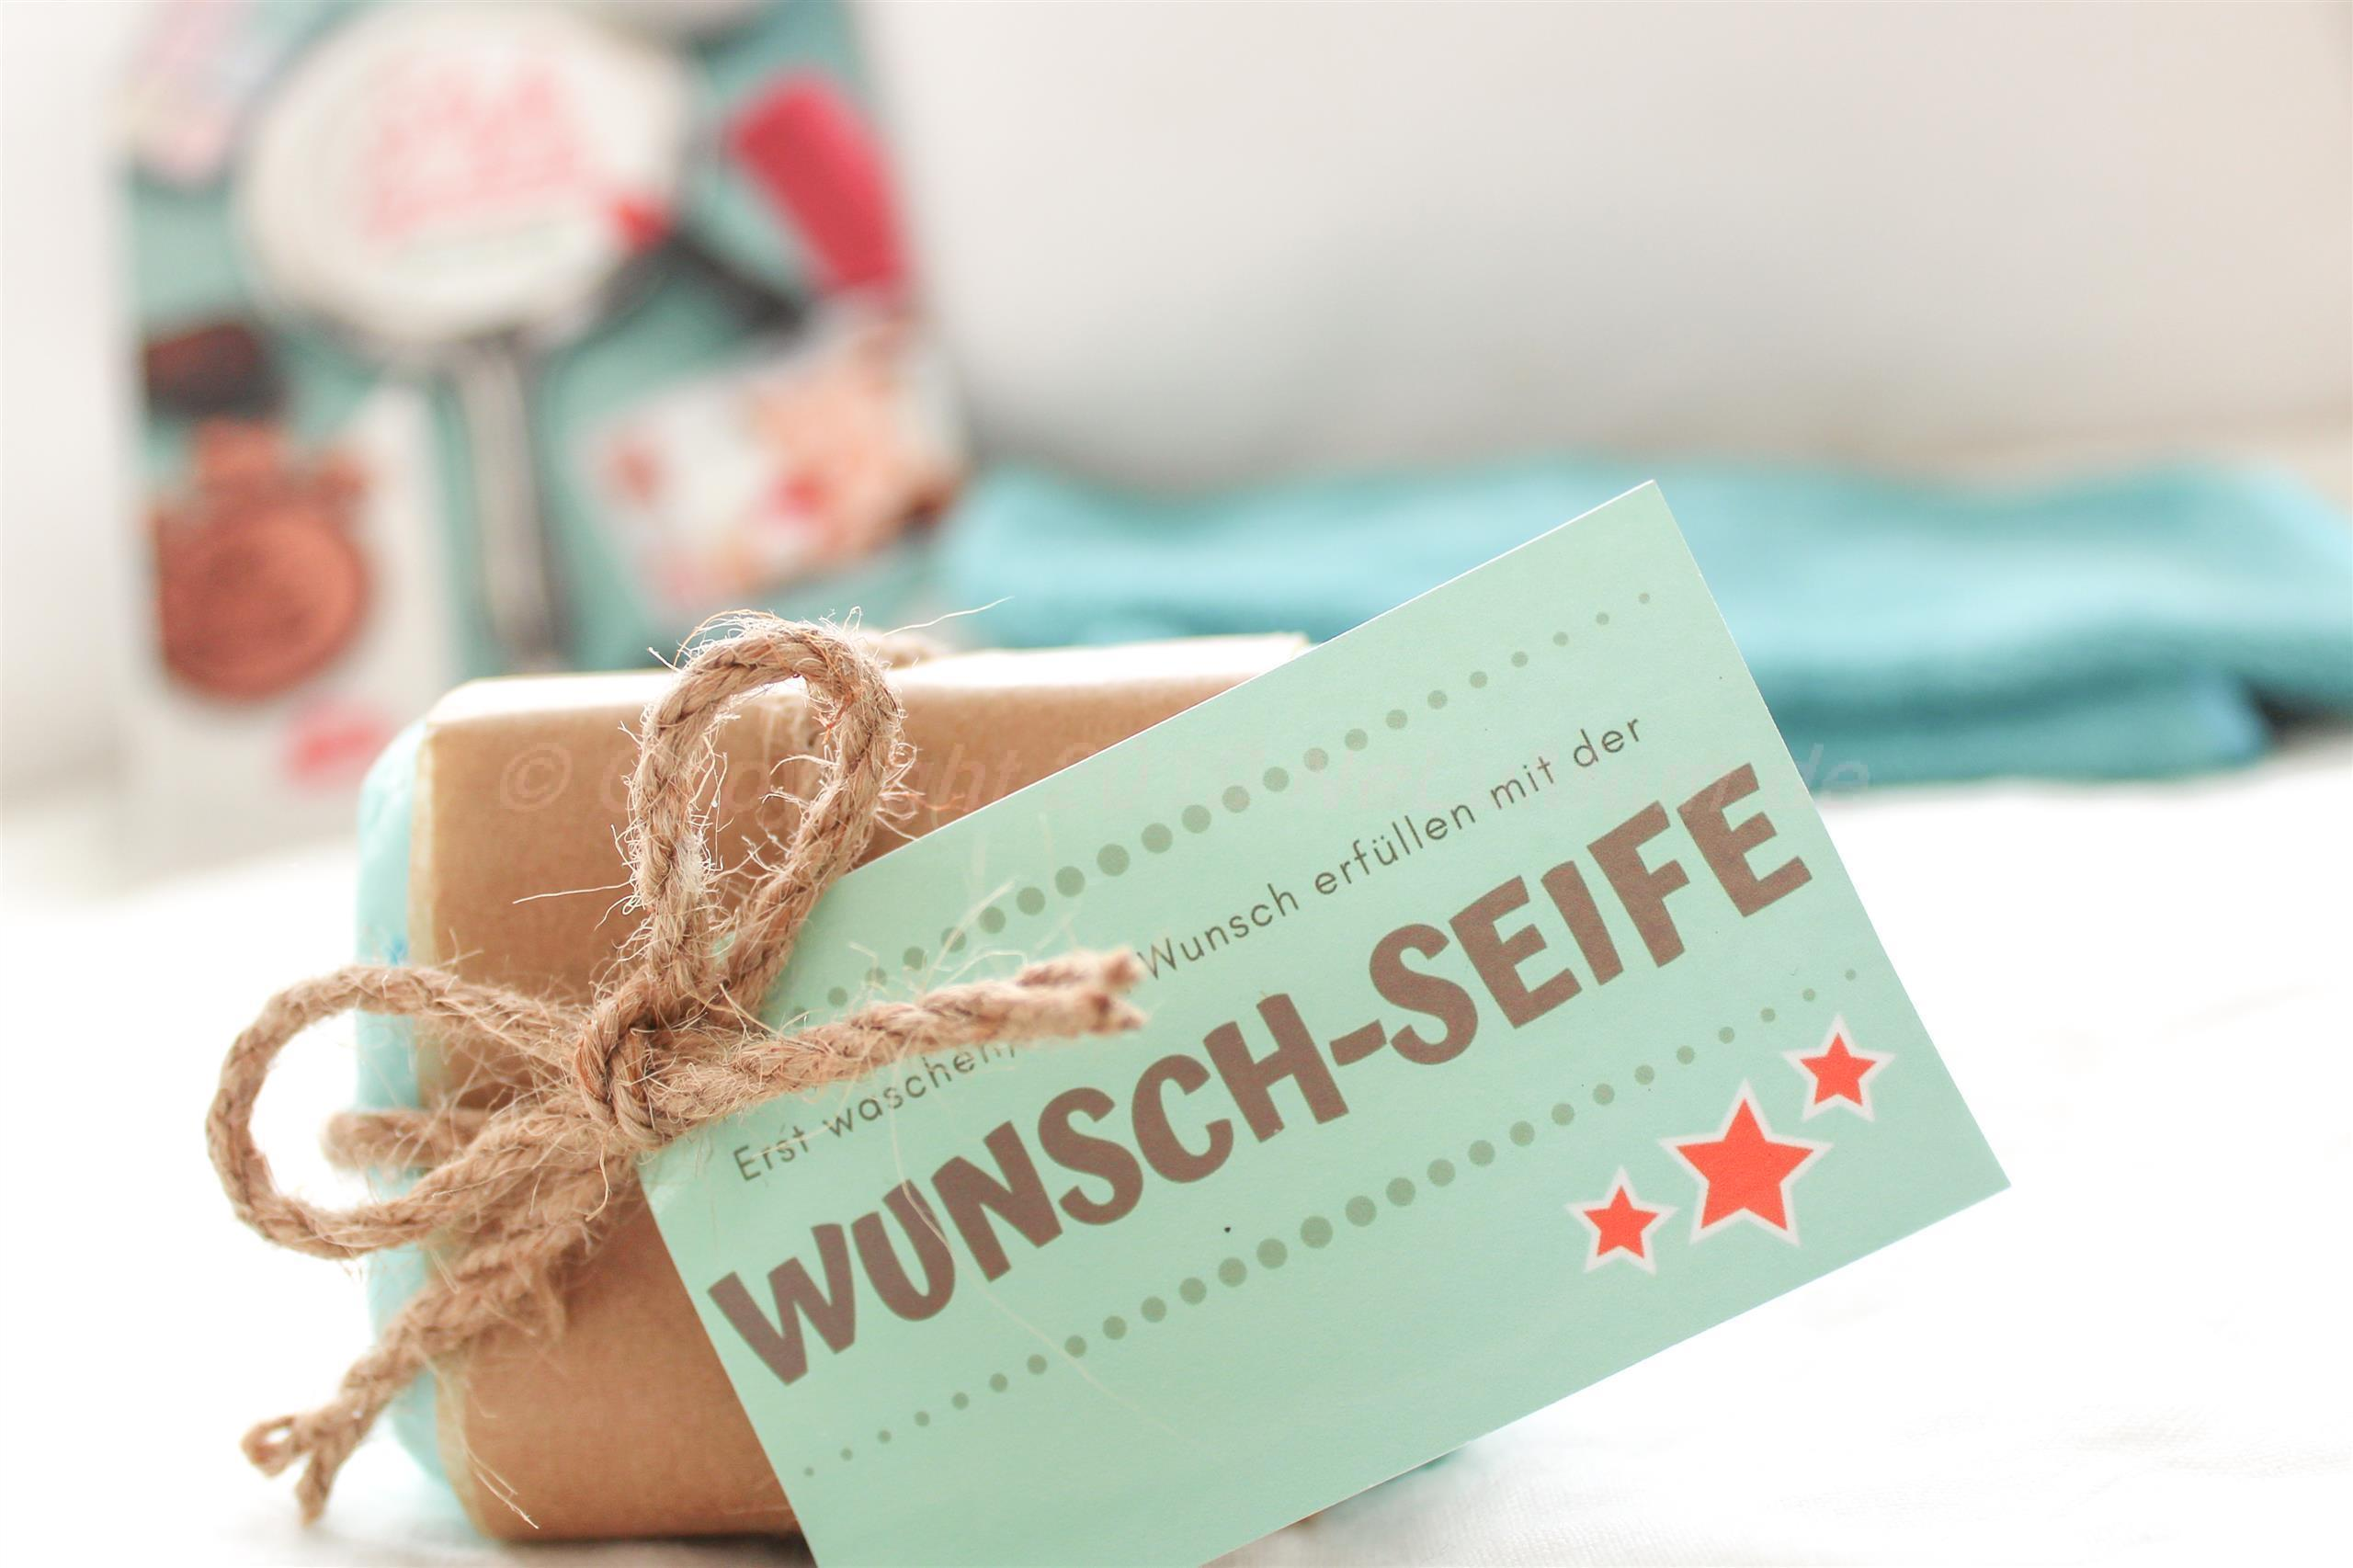 Wunschseife – Geschenk für Teenager (enthält Werbung)